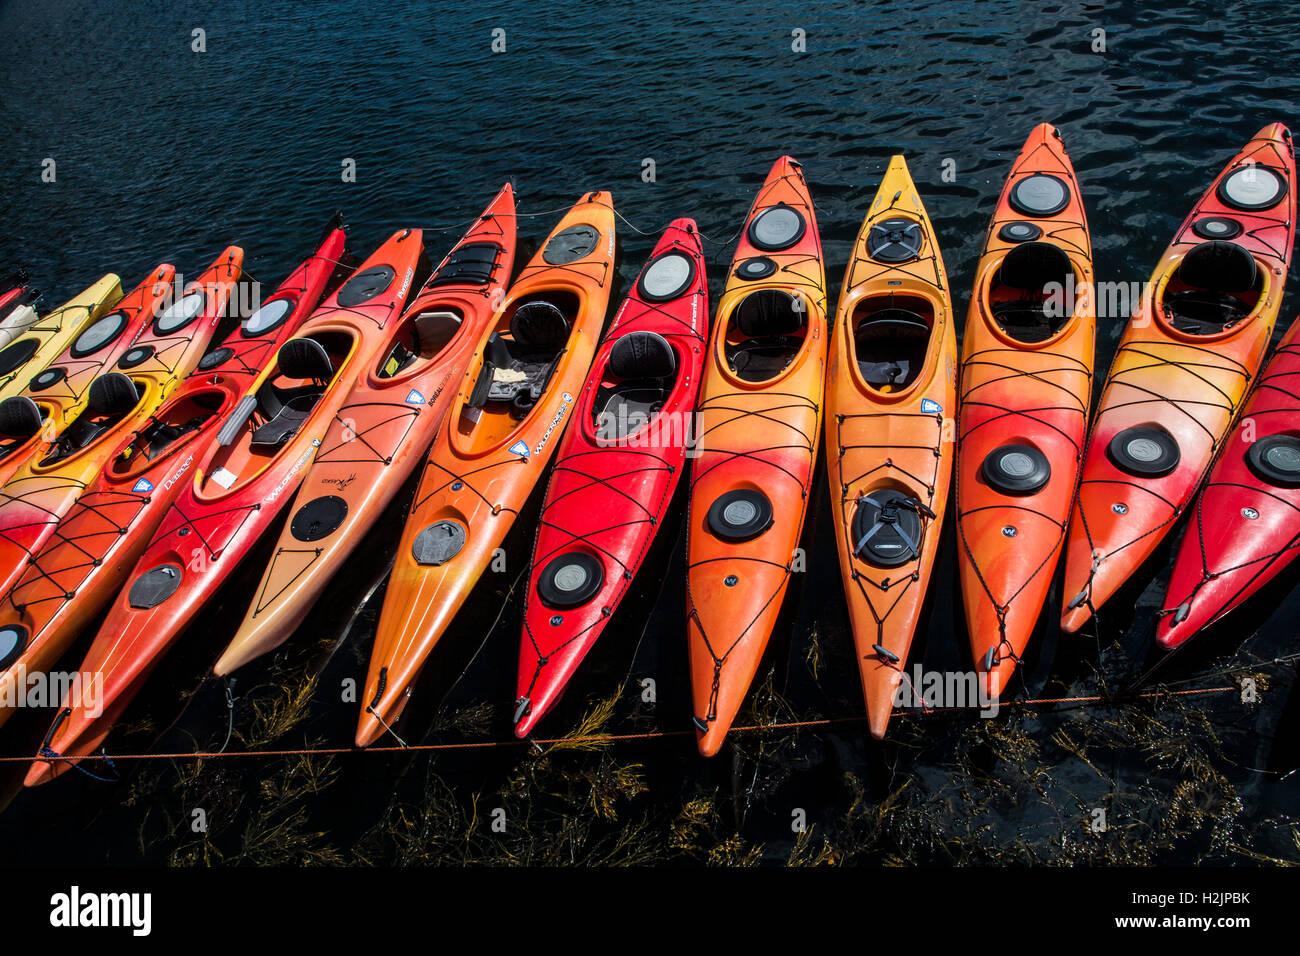 Patrón abstracto multicolor cerca de una fila de Kayaks acoplado, Massachussets, Estados Unidos, Nueva Inglaterra, Imagen De Stock